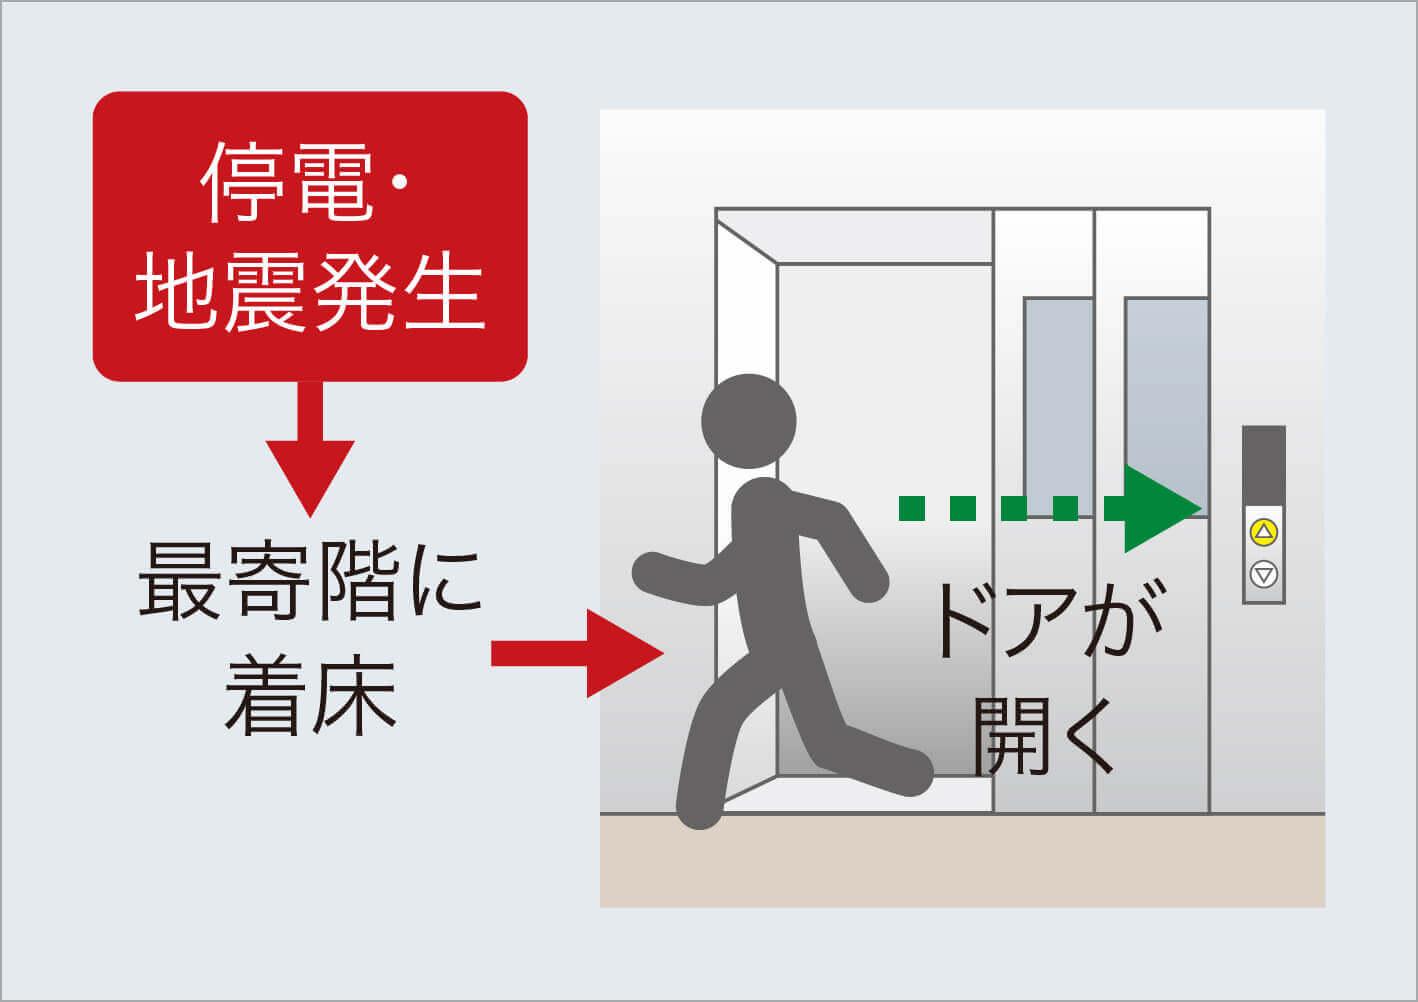 停電・地震時最寄階着床装置